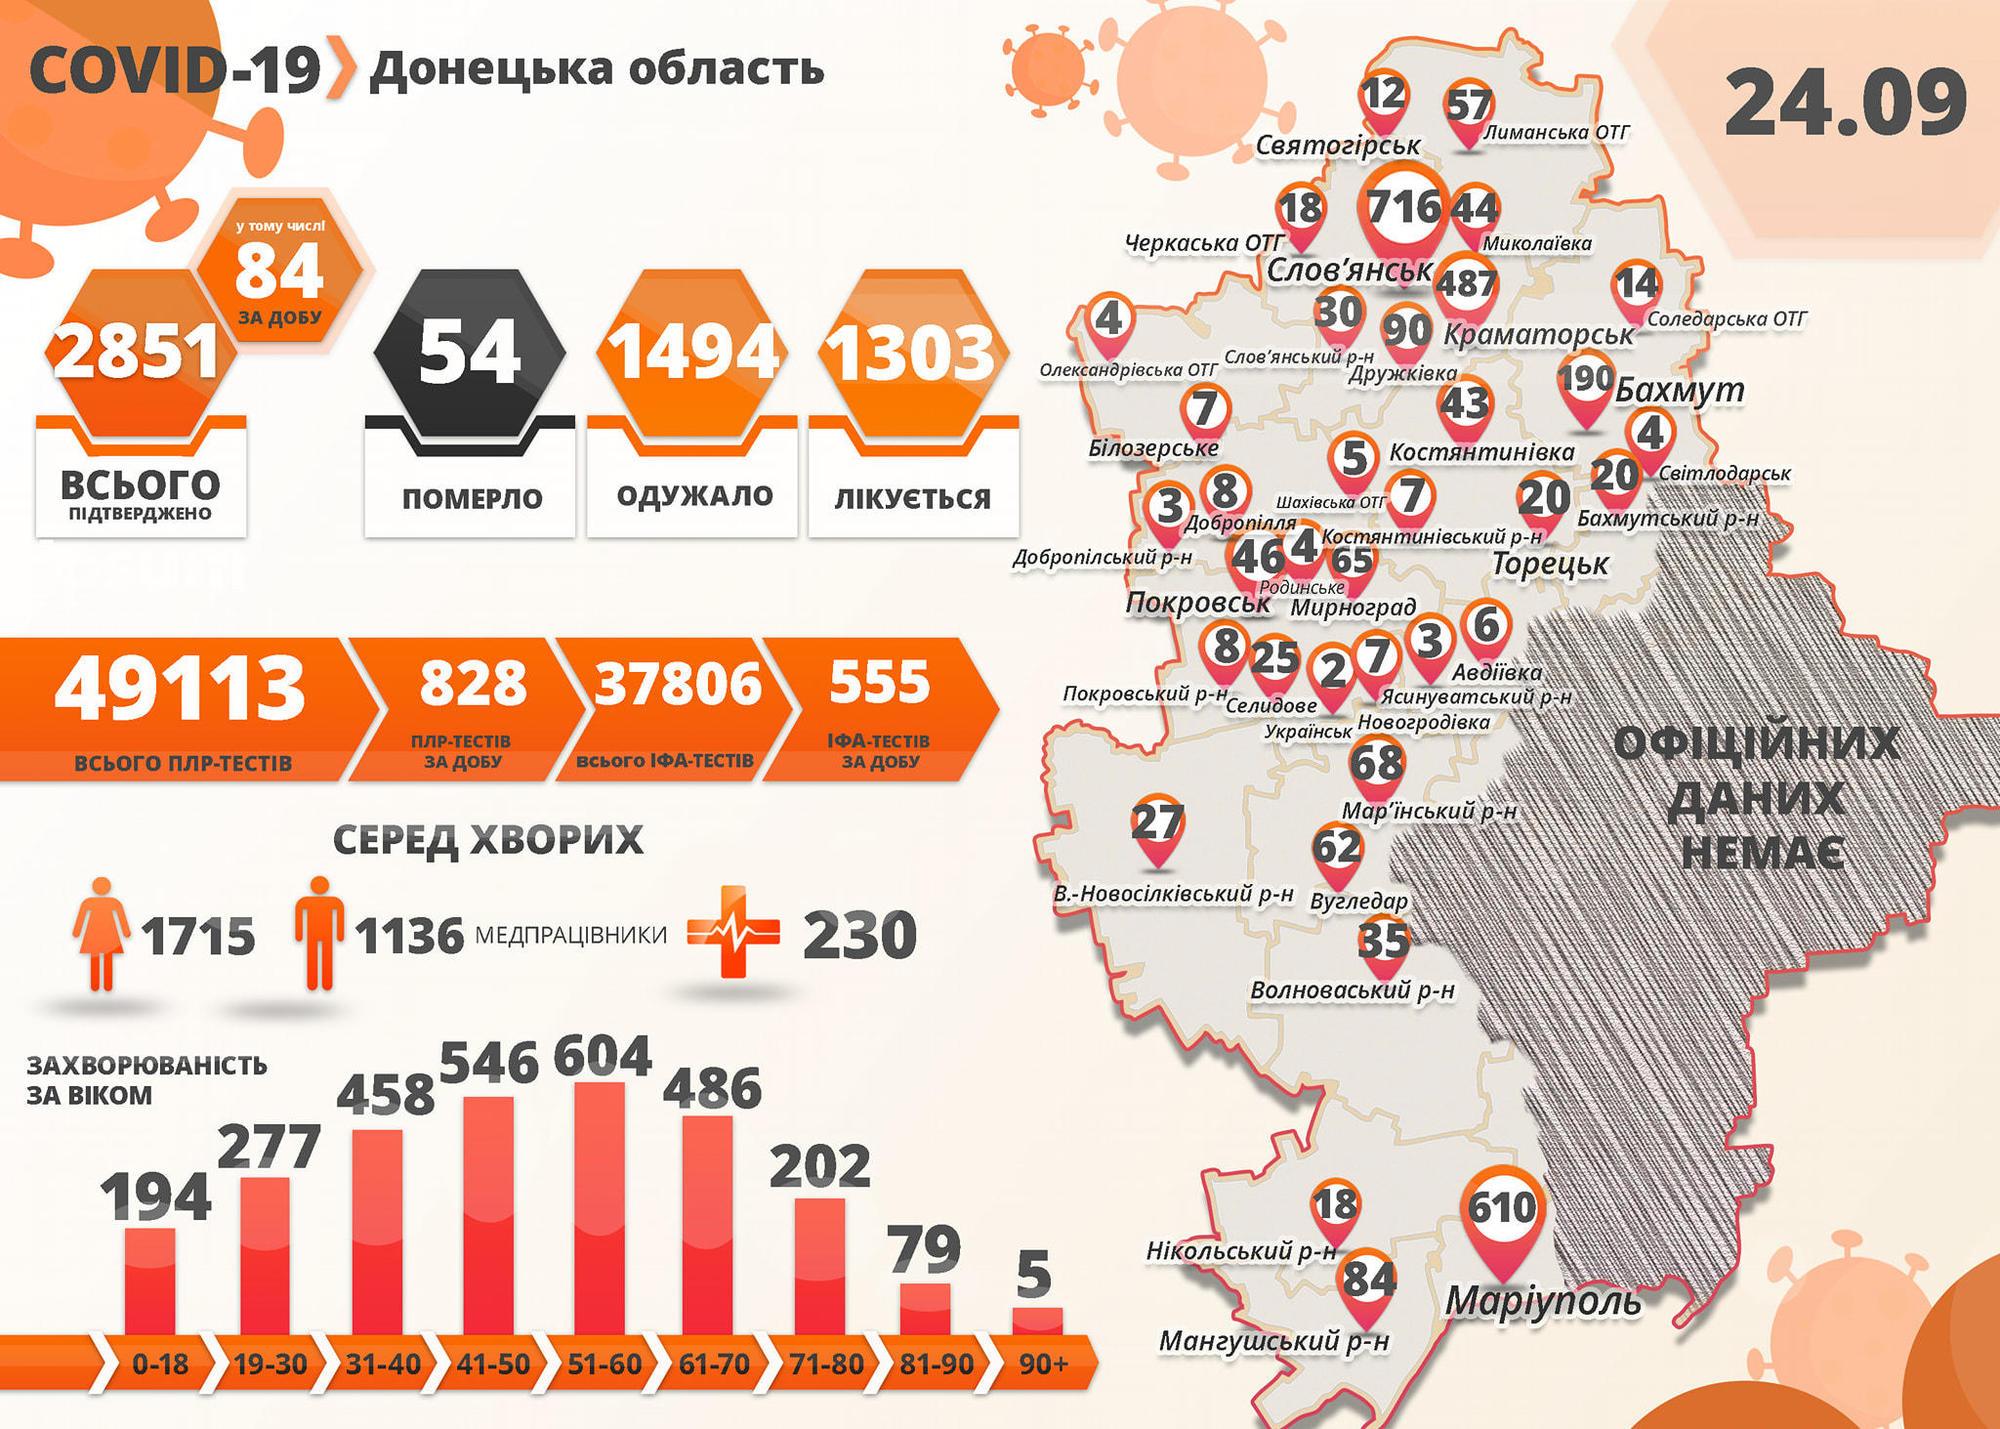 COVID-19: В Константиновке умерла местная жительница, а в Бахмутской ОТГ прибавилось 48 пациентов за сутки